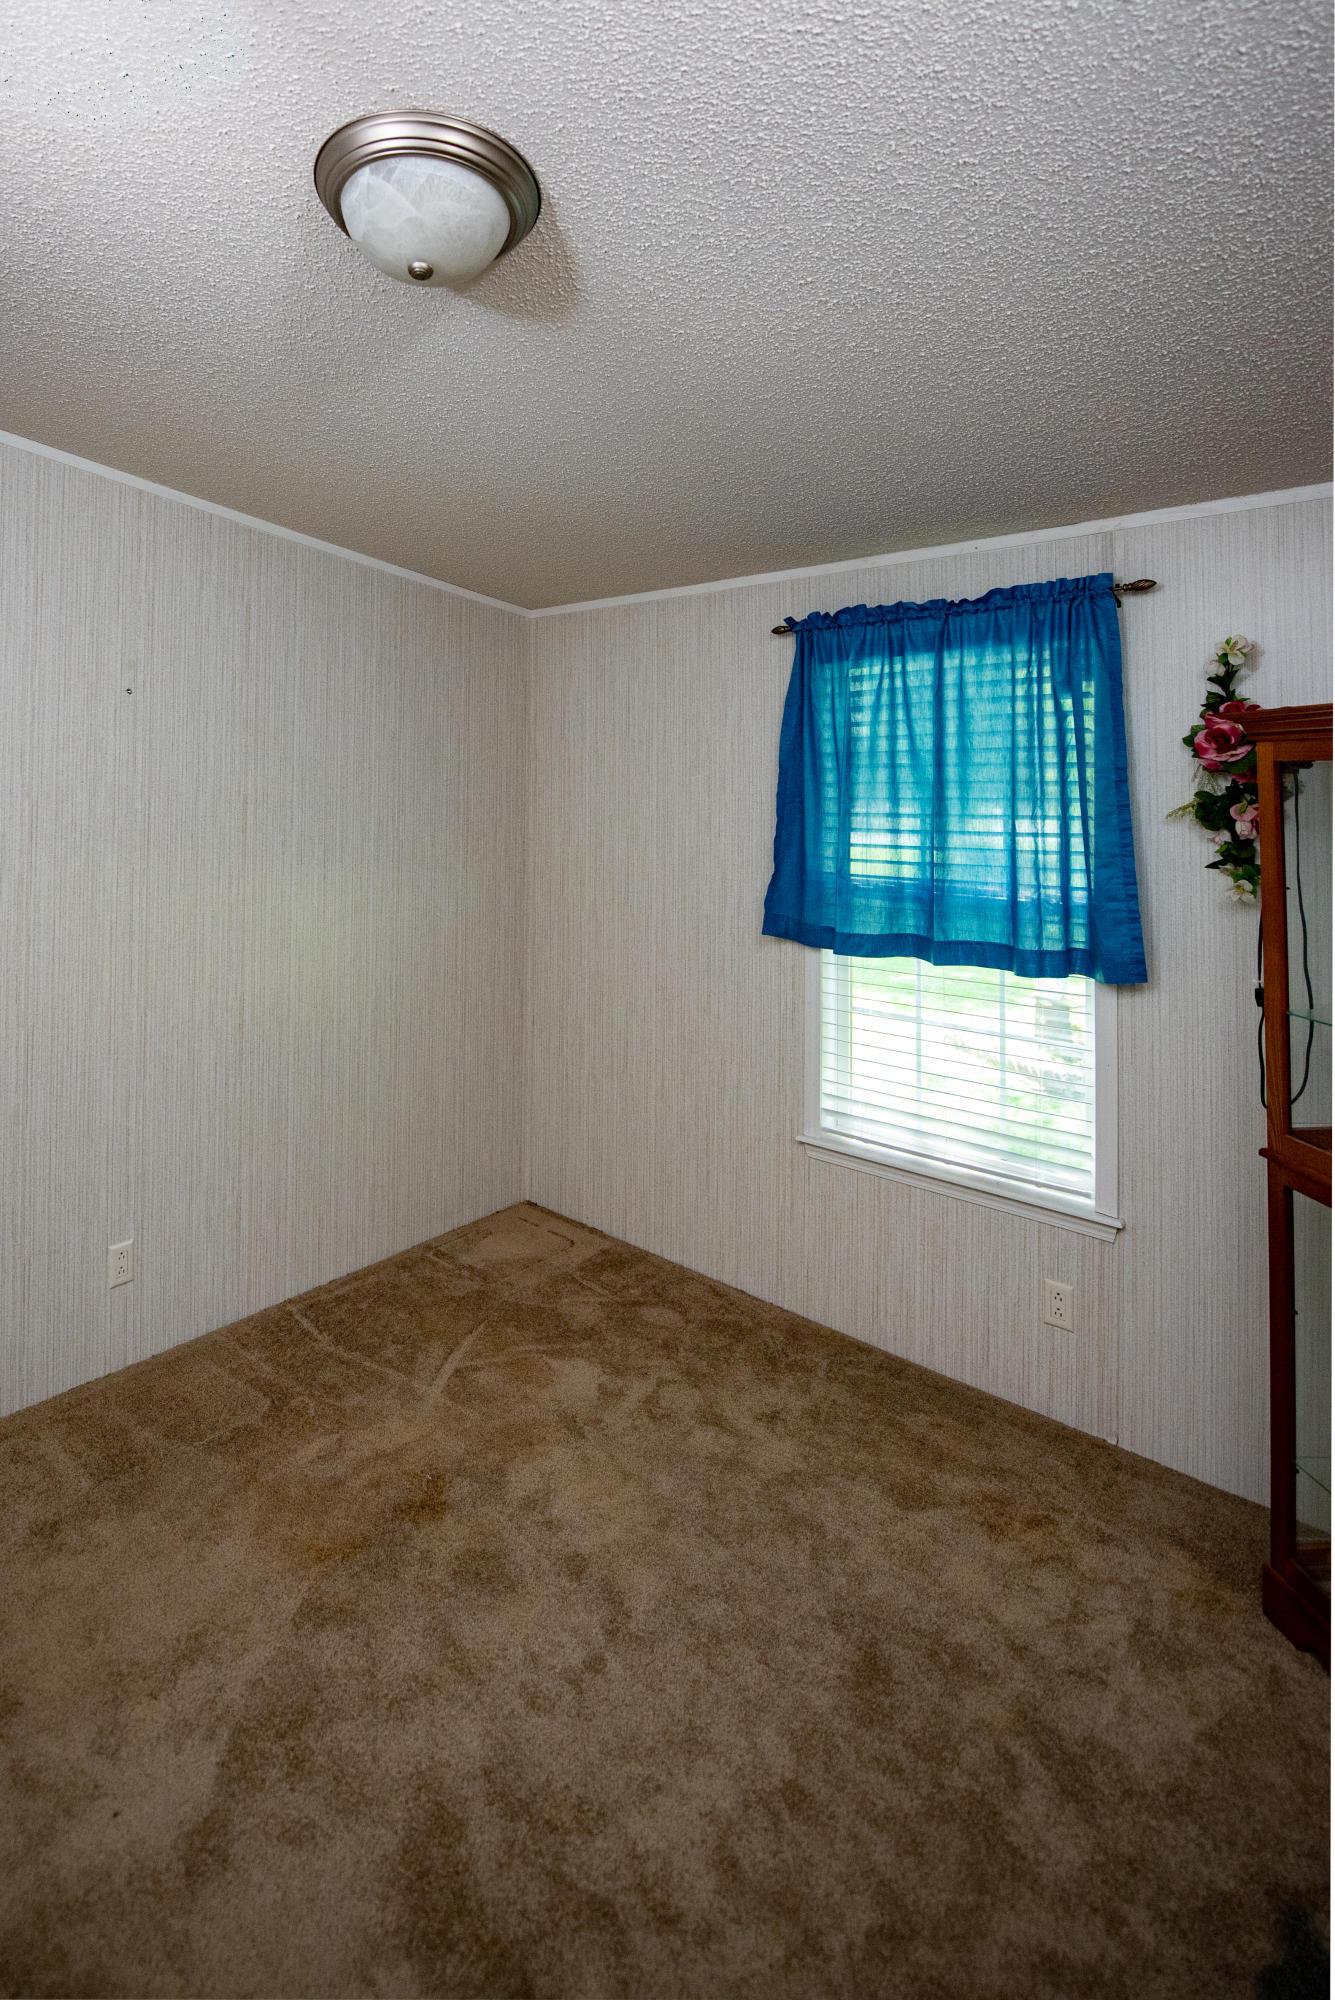 Sandy Oaks Homes For Sale - 170 Sandy Oaks, Cross, SC - 3